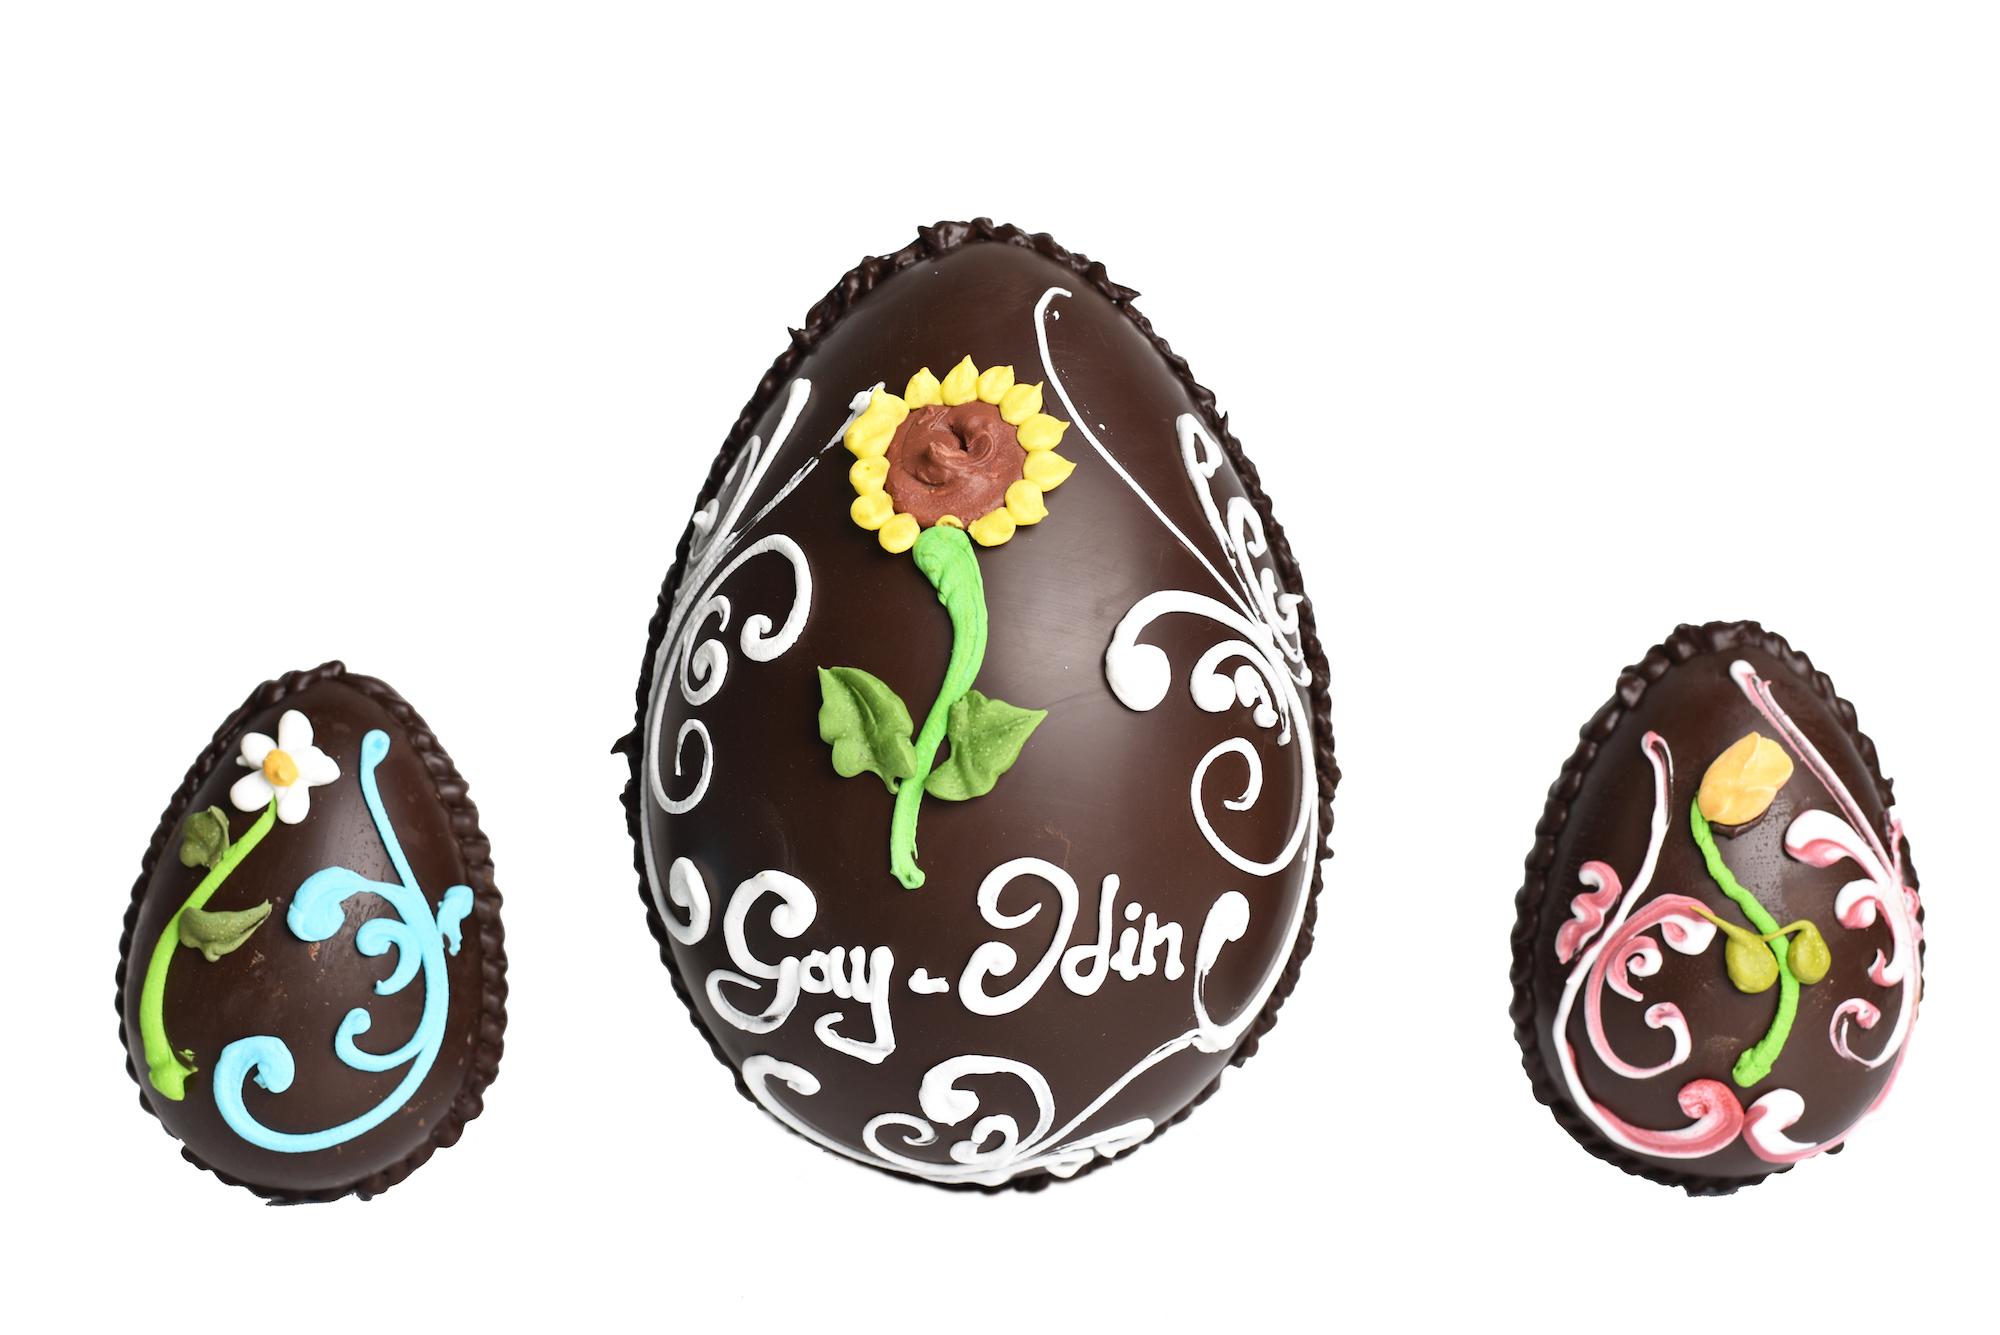 uova-di-cioccolato-gay-odin-1